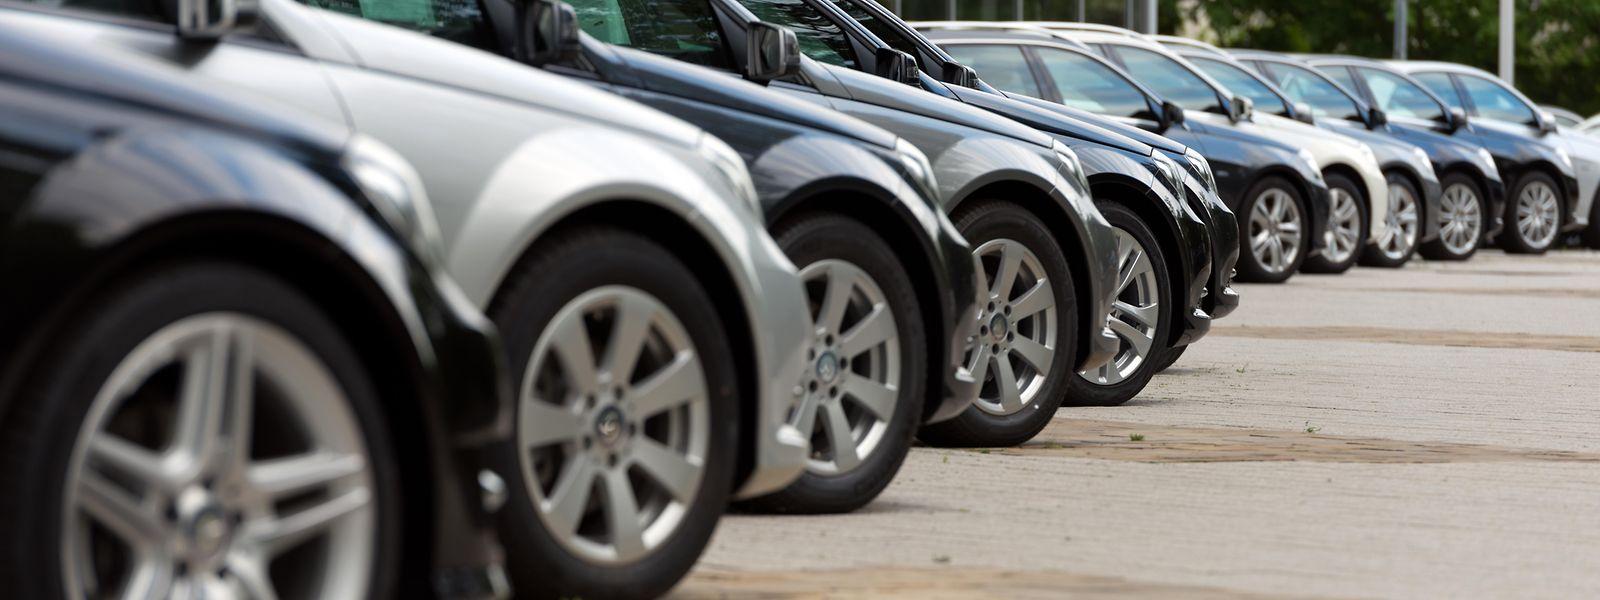 Das Gebrauchtwagengeschäft gewinnt in Luxemburg von Jahr zu Jahr an Bedeutung.